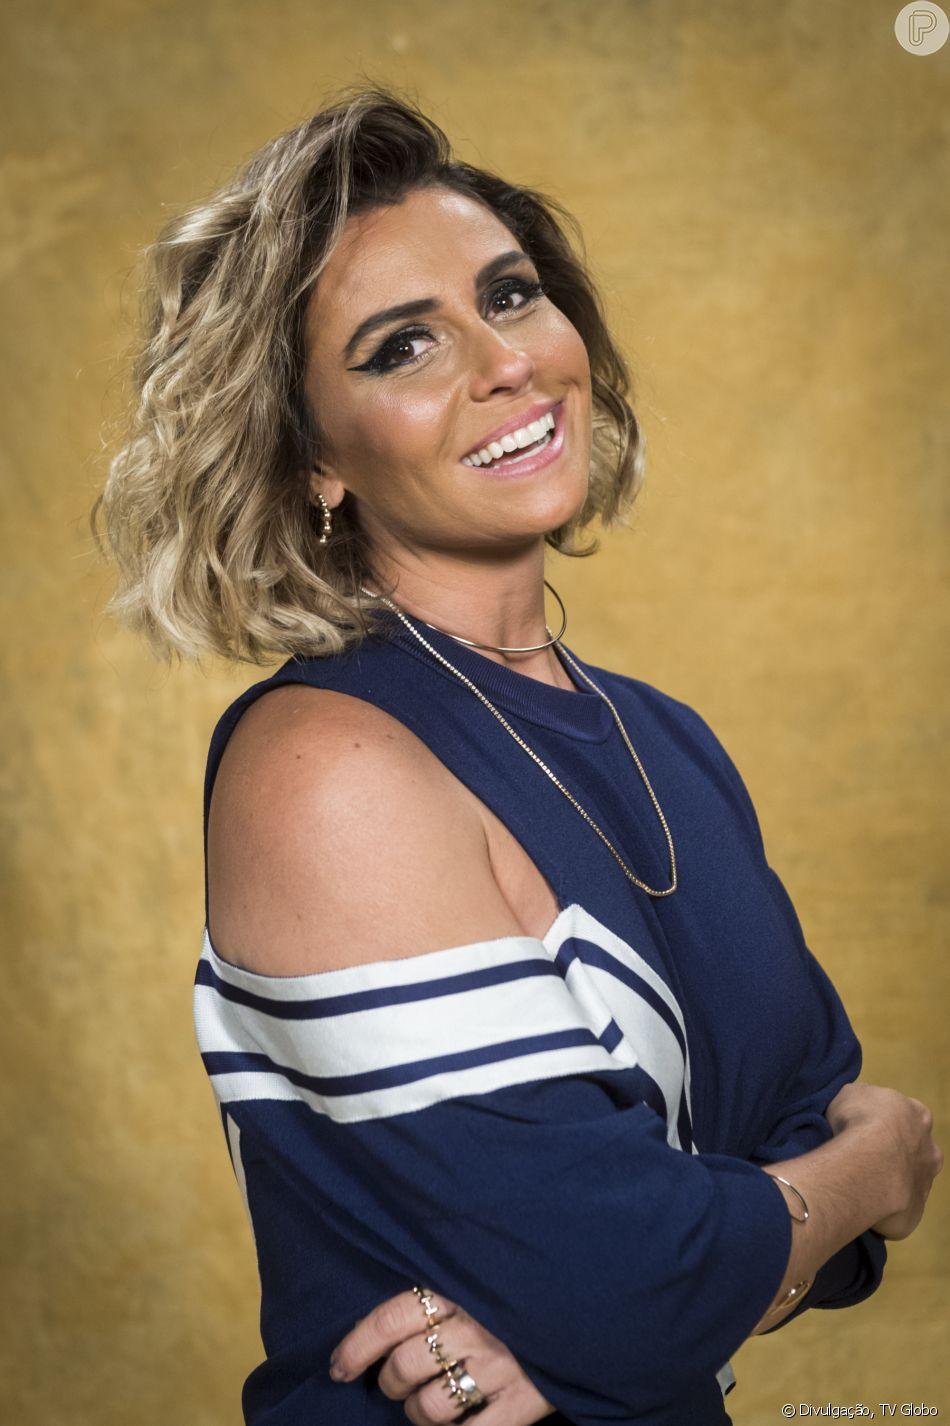 Luzia (Giovanna Antonelli) é considerada inocente pela morte do ex-marido, Edilei (Paulo Borges), nos próximos capítulos da novela 'Segundo Sol': 'Pesadelo acabou'